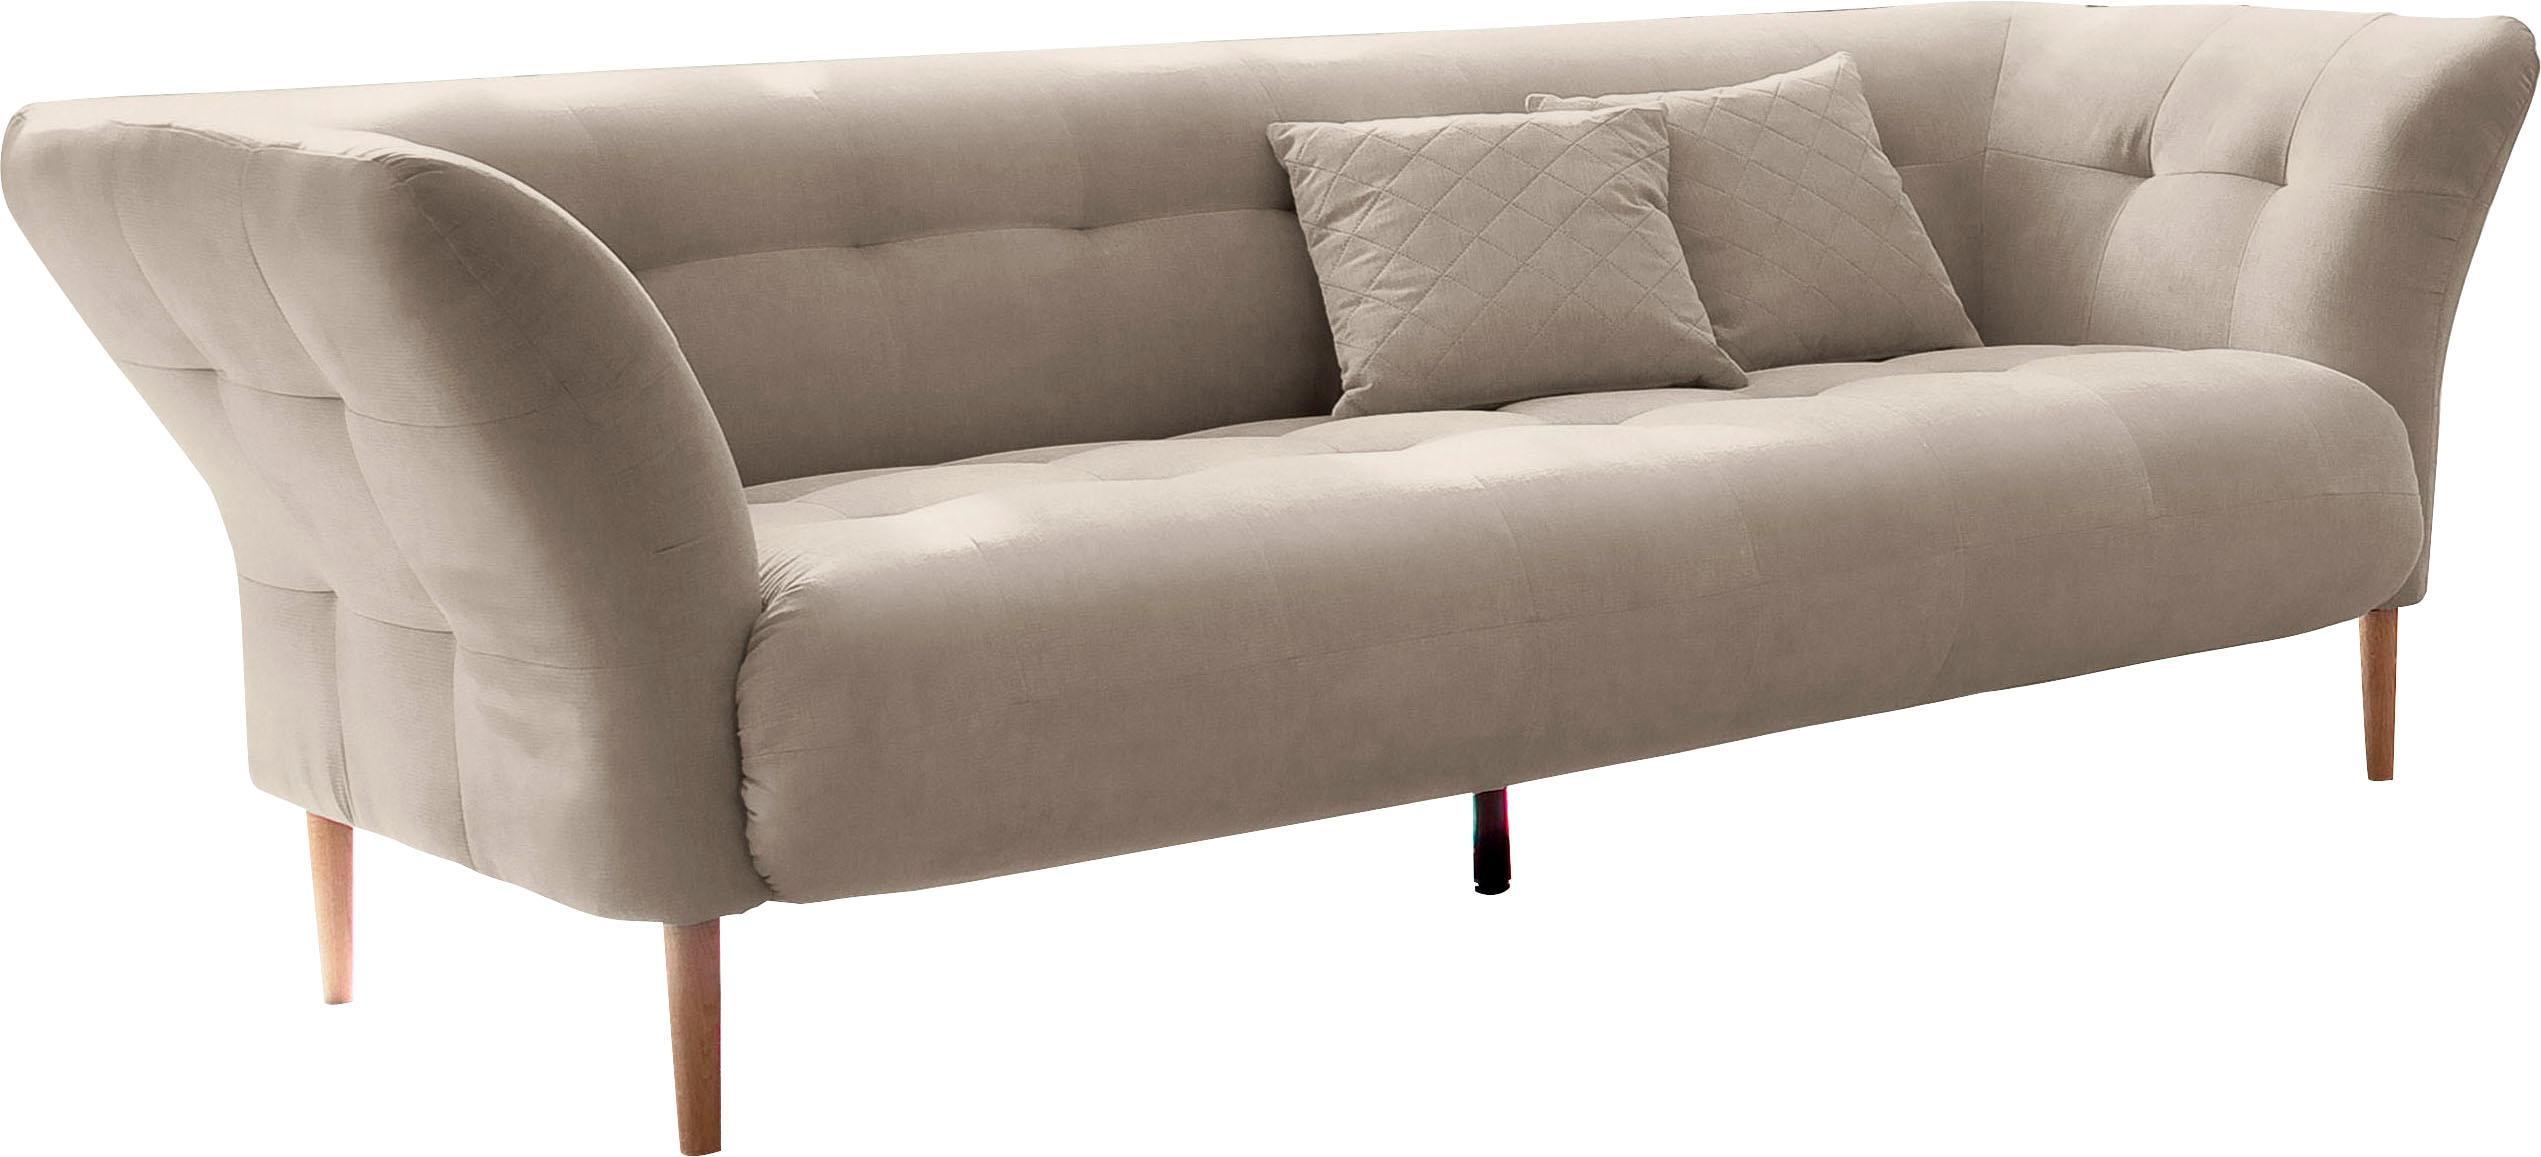 andas Trelleborg 3-Sitzer mit feiner Steppung bei Sitz und Rückenlehne